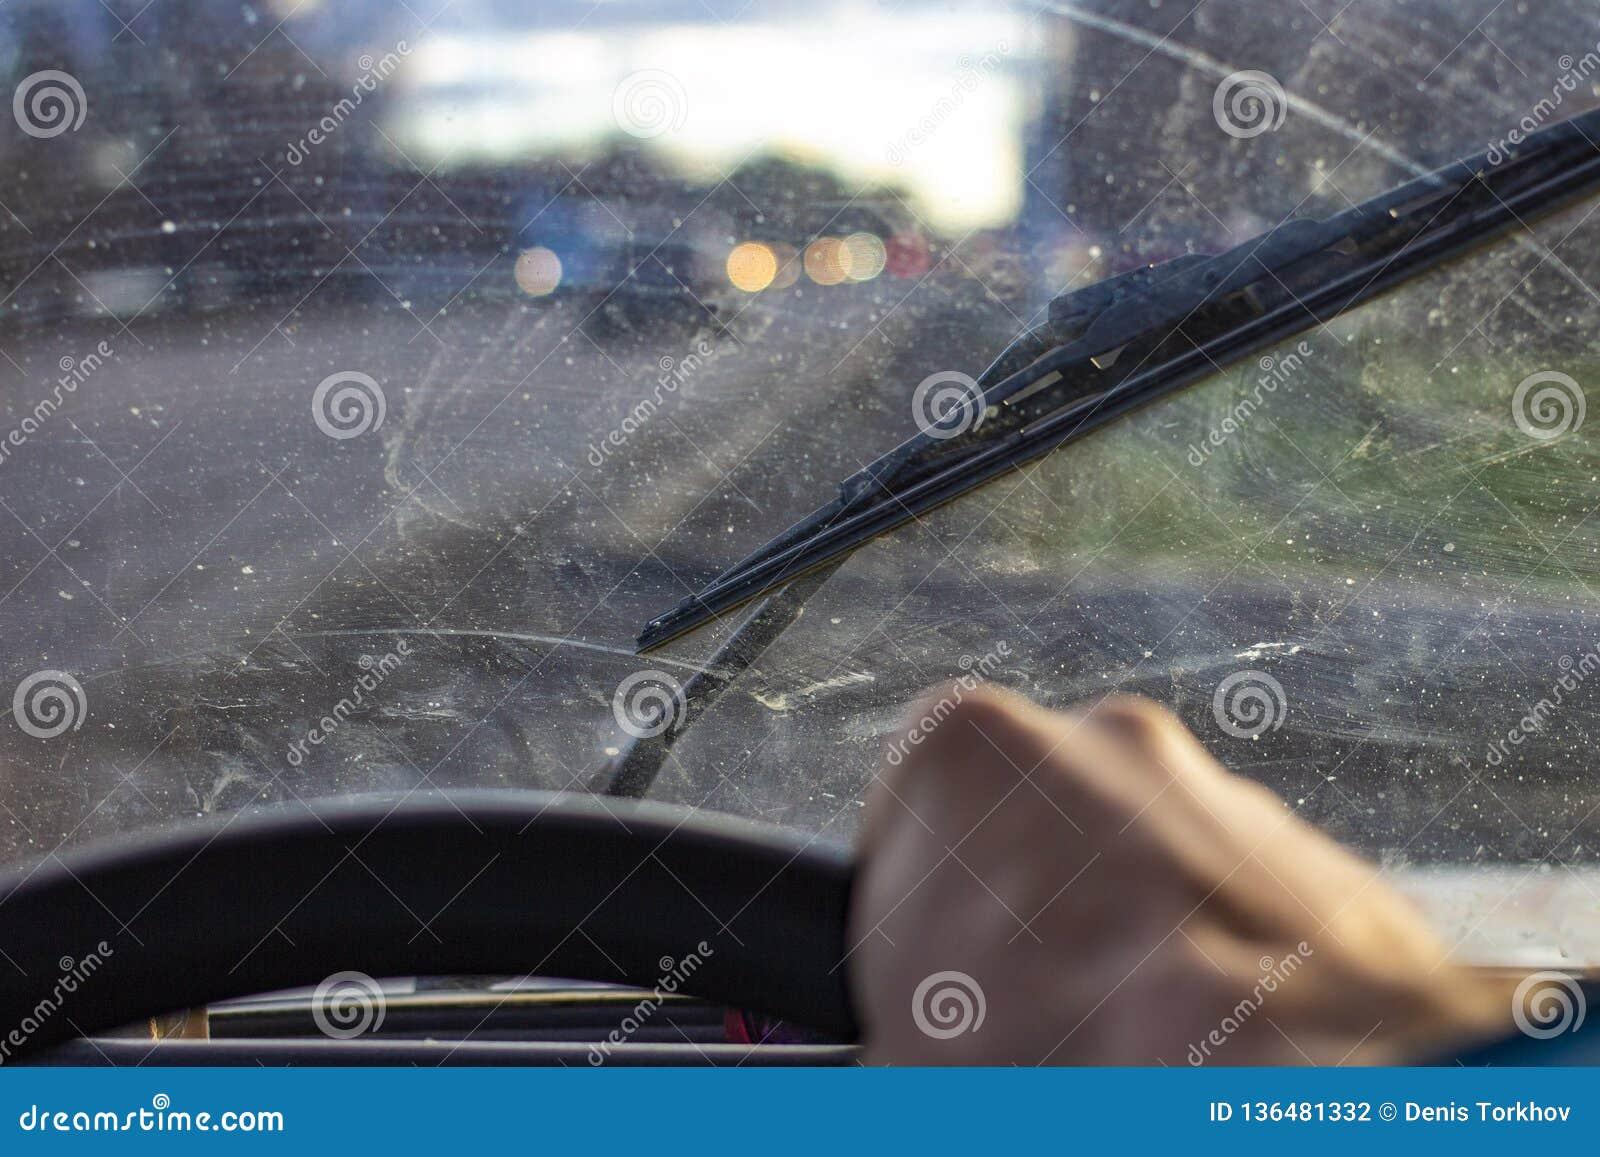 Vuil gekrast autowindscherm met wisser door vaag stuurwiel met de hand van de bestuurder op vage achtergrond